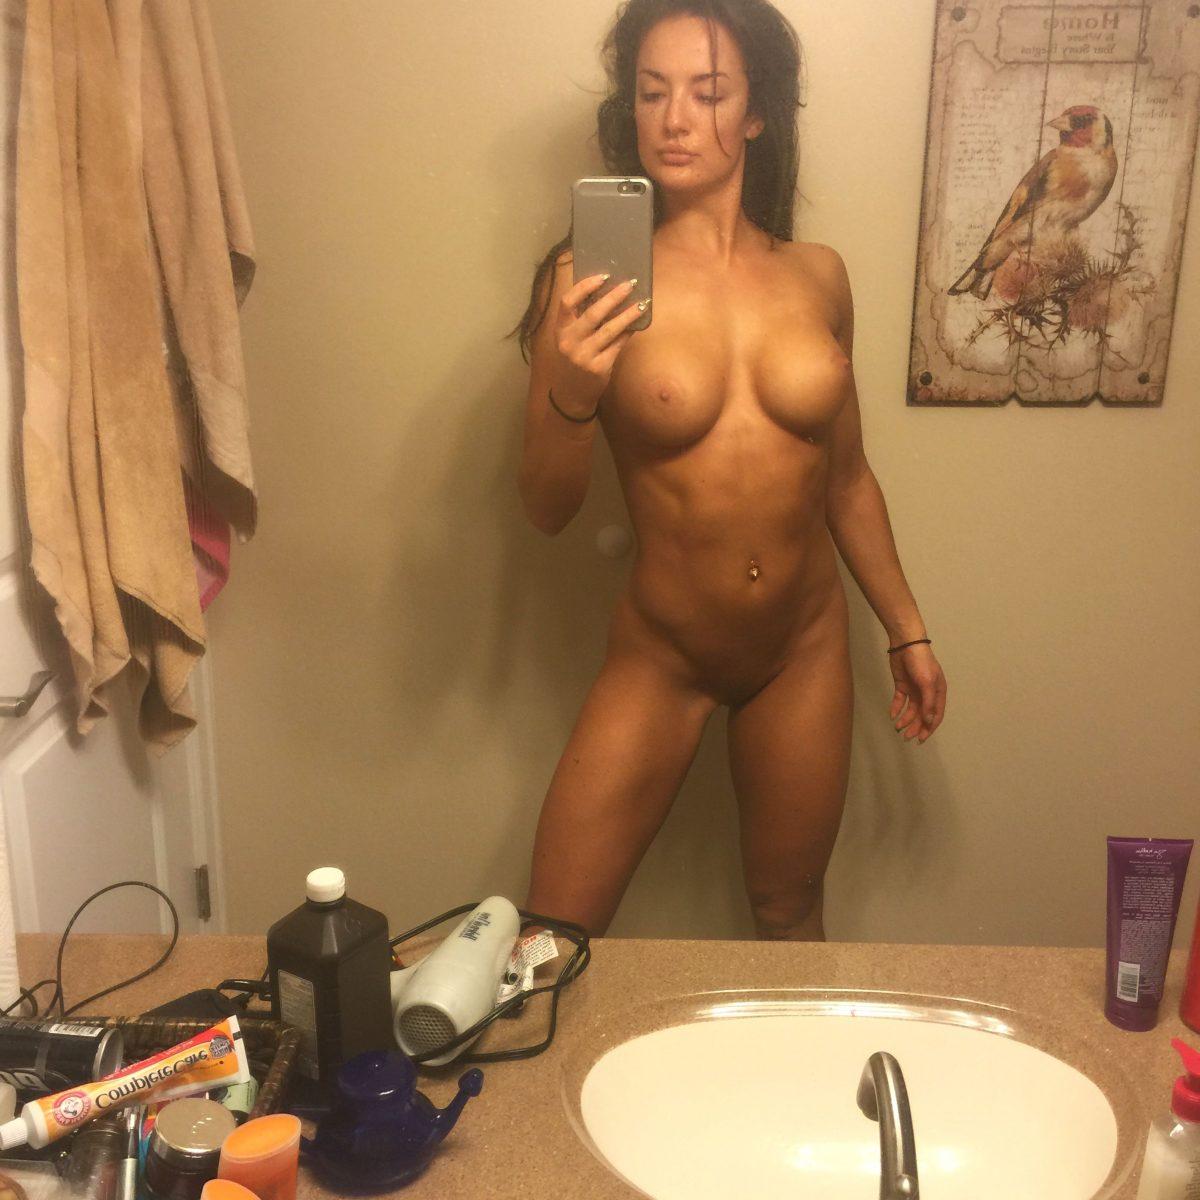 Nude celebrity photos porn